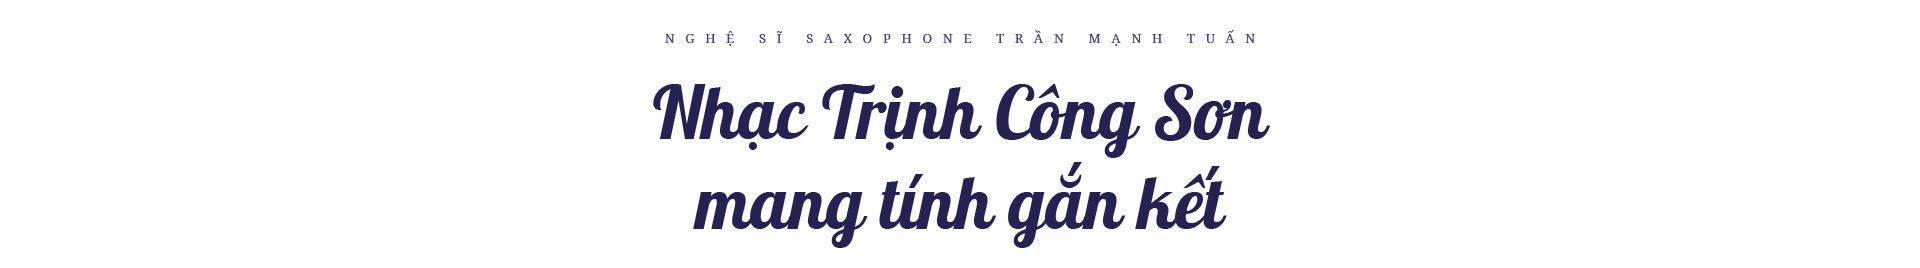 """Nghệ sĩ saxophone Trần Mạnh Tuấn: """"Diễn giữa không gian bệnh viện dã chiến là điều đặc biệt nhất trong đời"""" - Ảnh 6."""